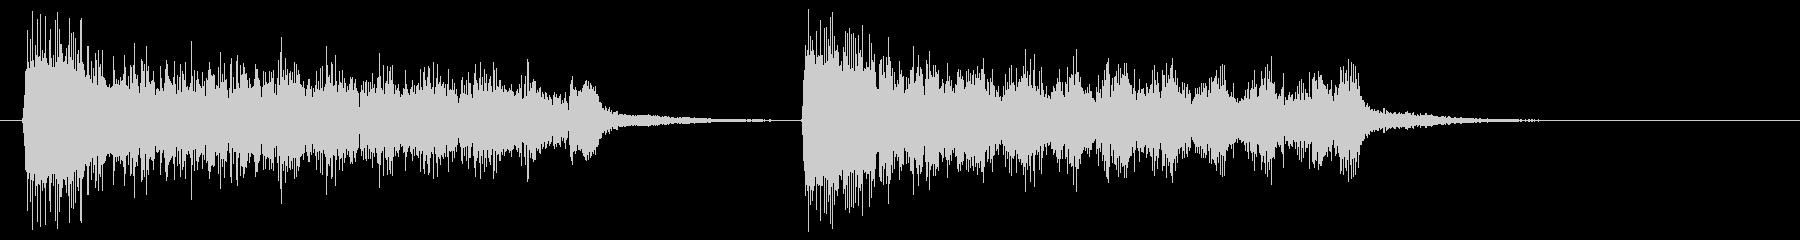 ショッキングシーン_トランペット2の未再生の波形